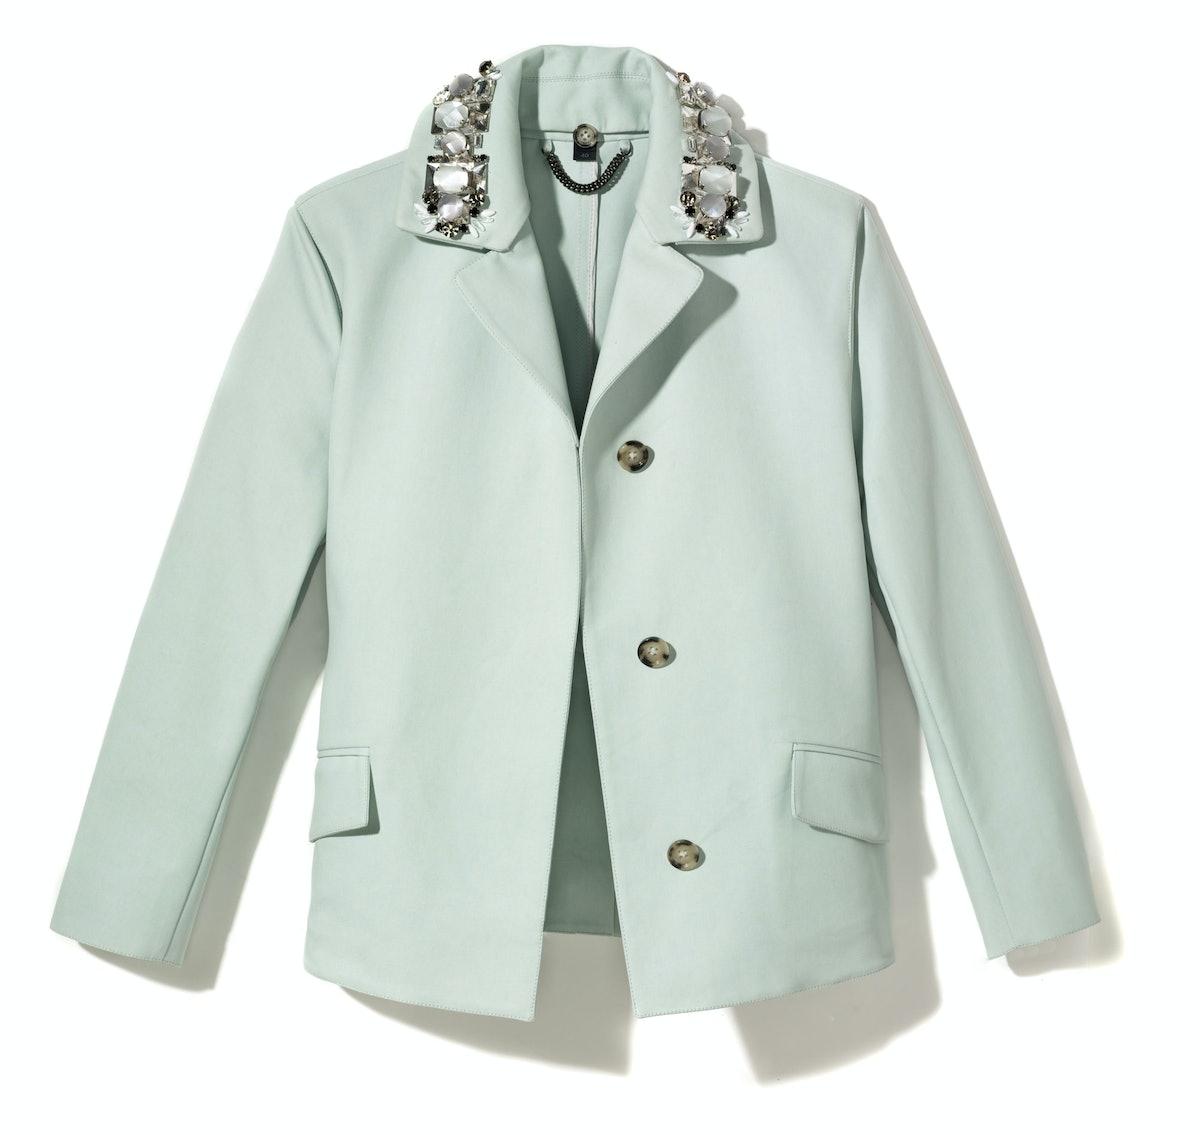 Burberry Prorsum coat, $1,995, [burberry.com](http://us.burberry.com/womens-prorsum/).